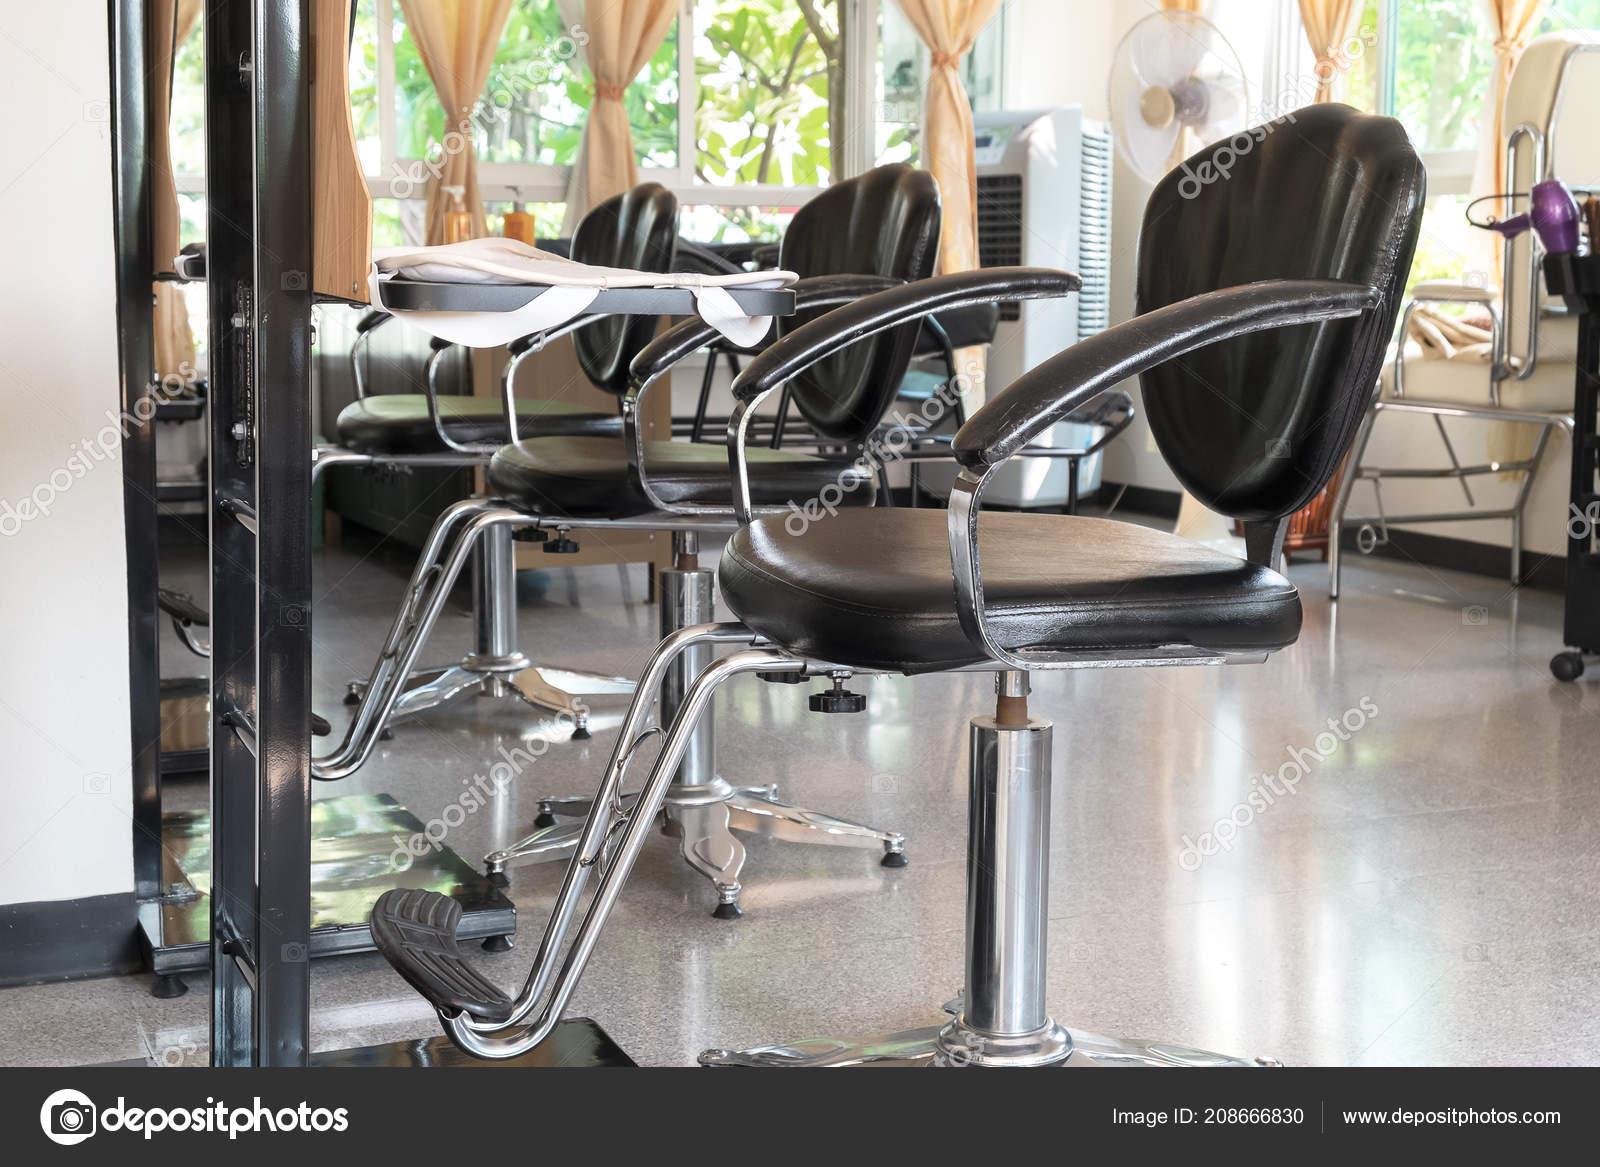 Schönen Indoor Salon Shop Saubere Und Moderne Design Friseur ...